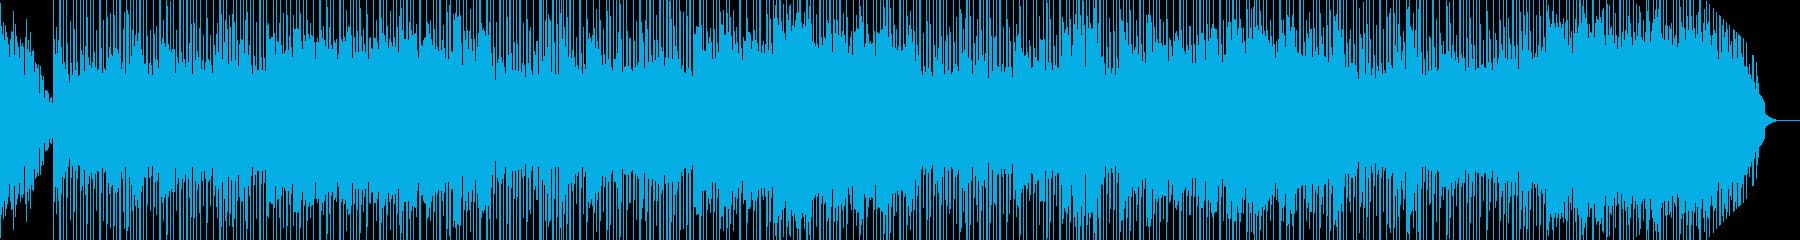 何かが壊れるような崩壊を彷彿させるBGMの再生済みの波形